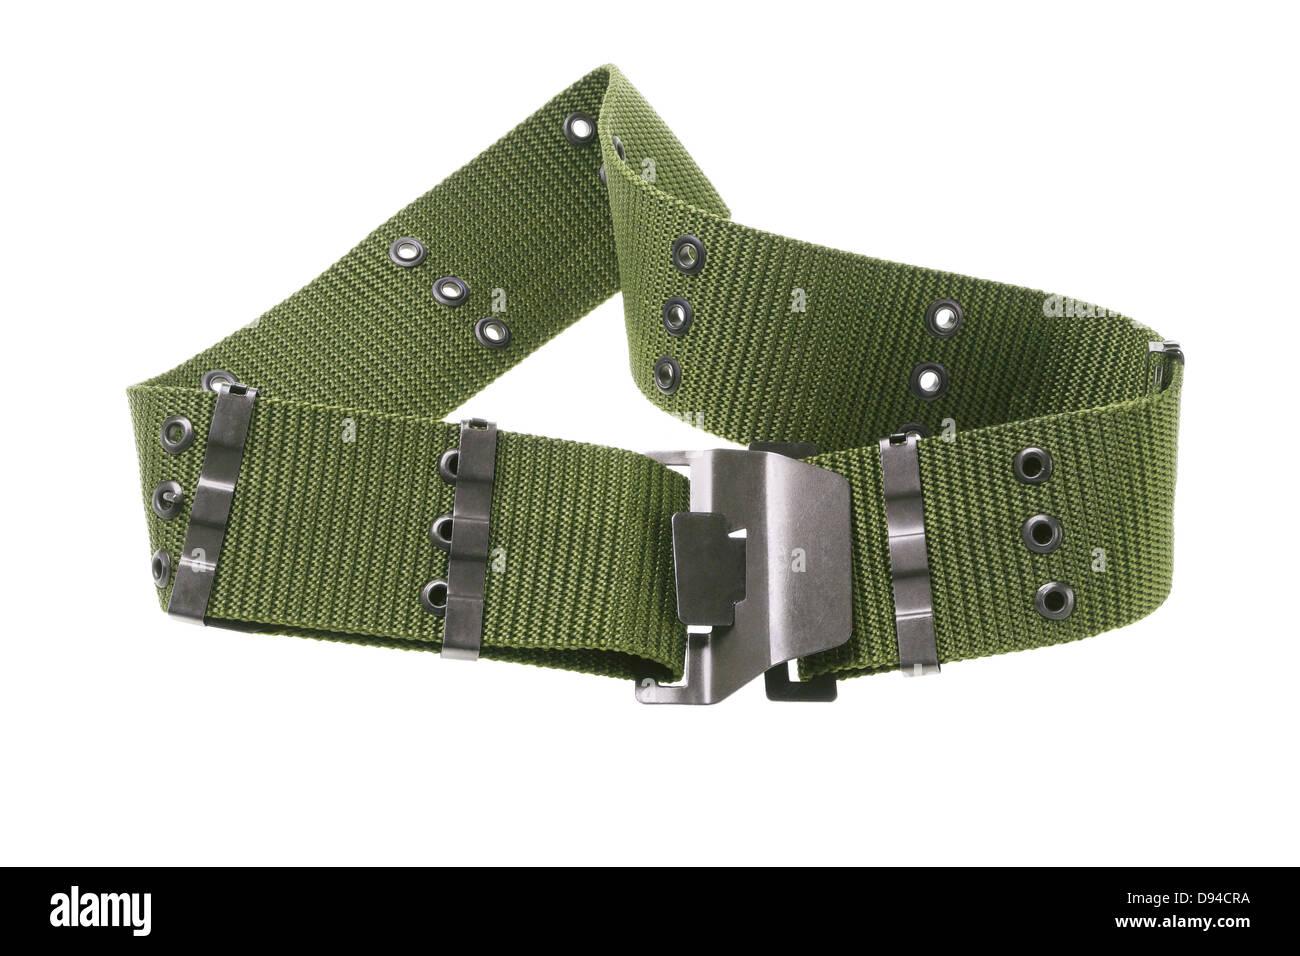 496569adccb4 Ceinture militaire en toile de nylon vert sur fond blanc Banque D ...